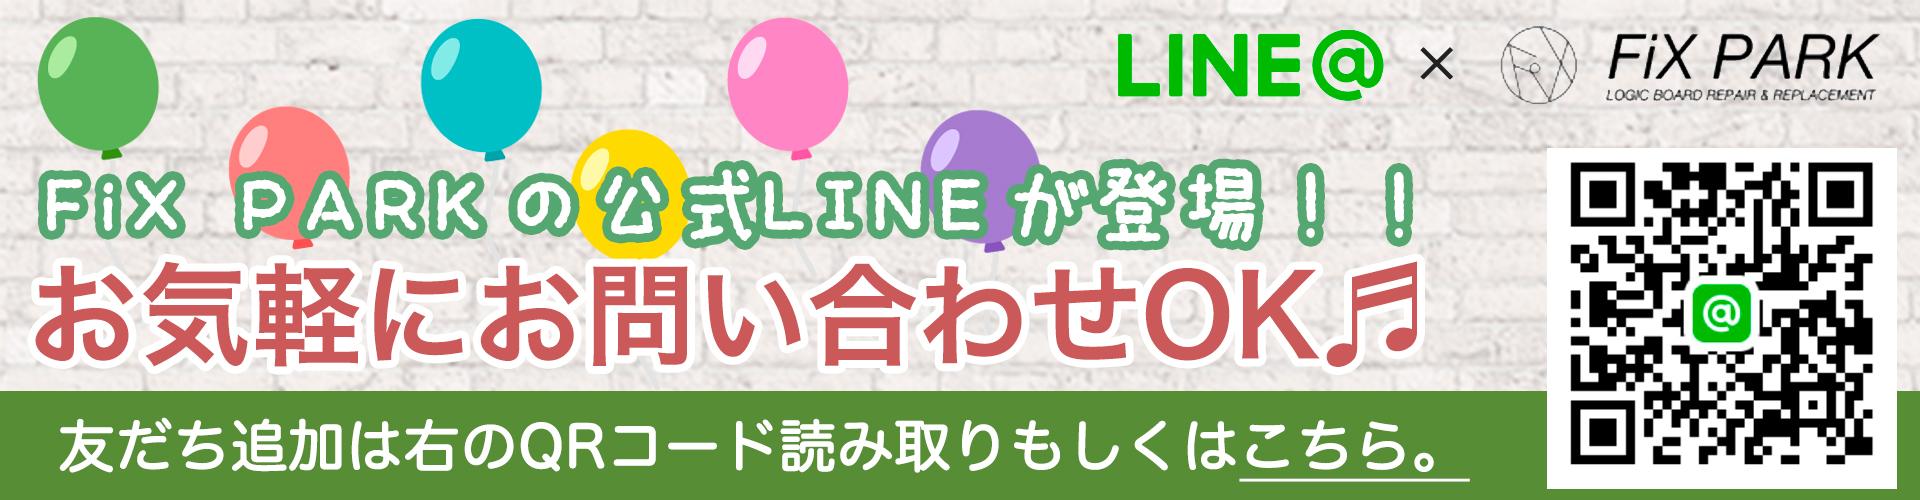 LINE@でお気軽にお問い合わせOK!